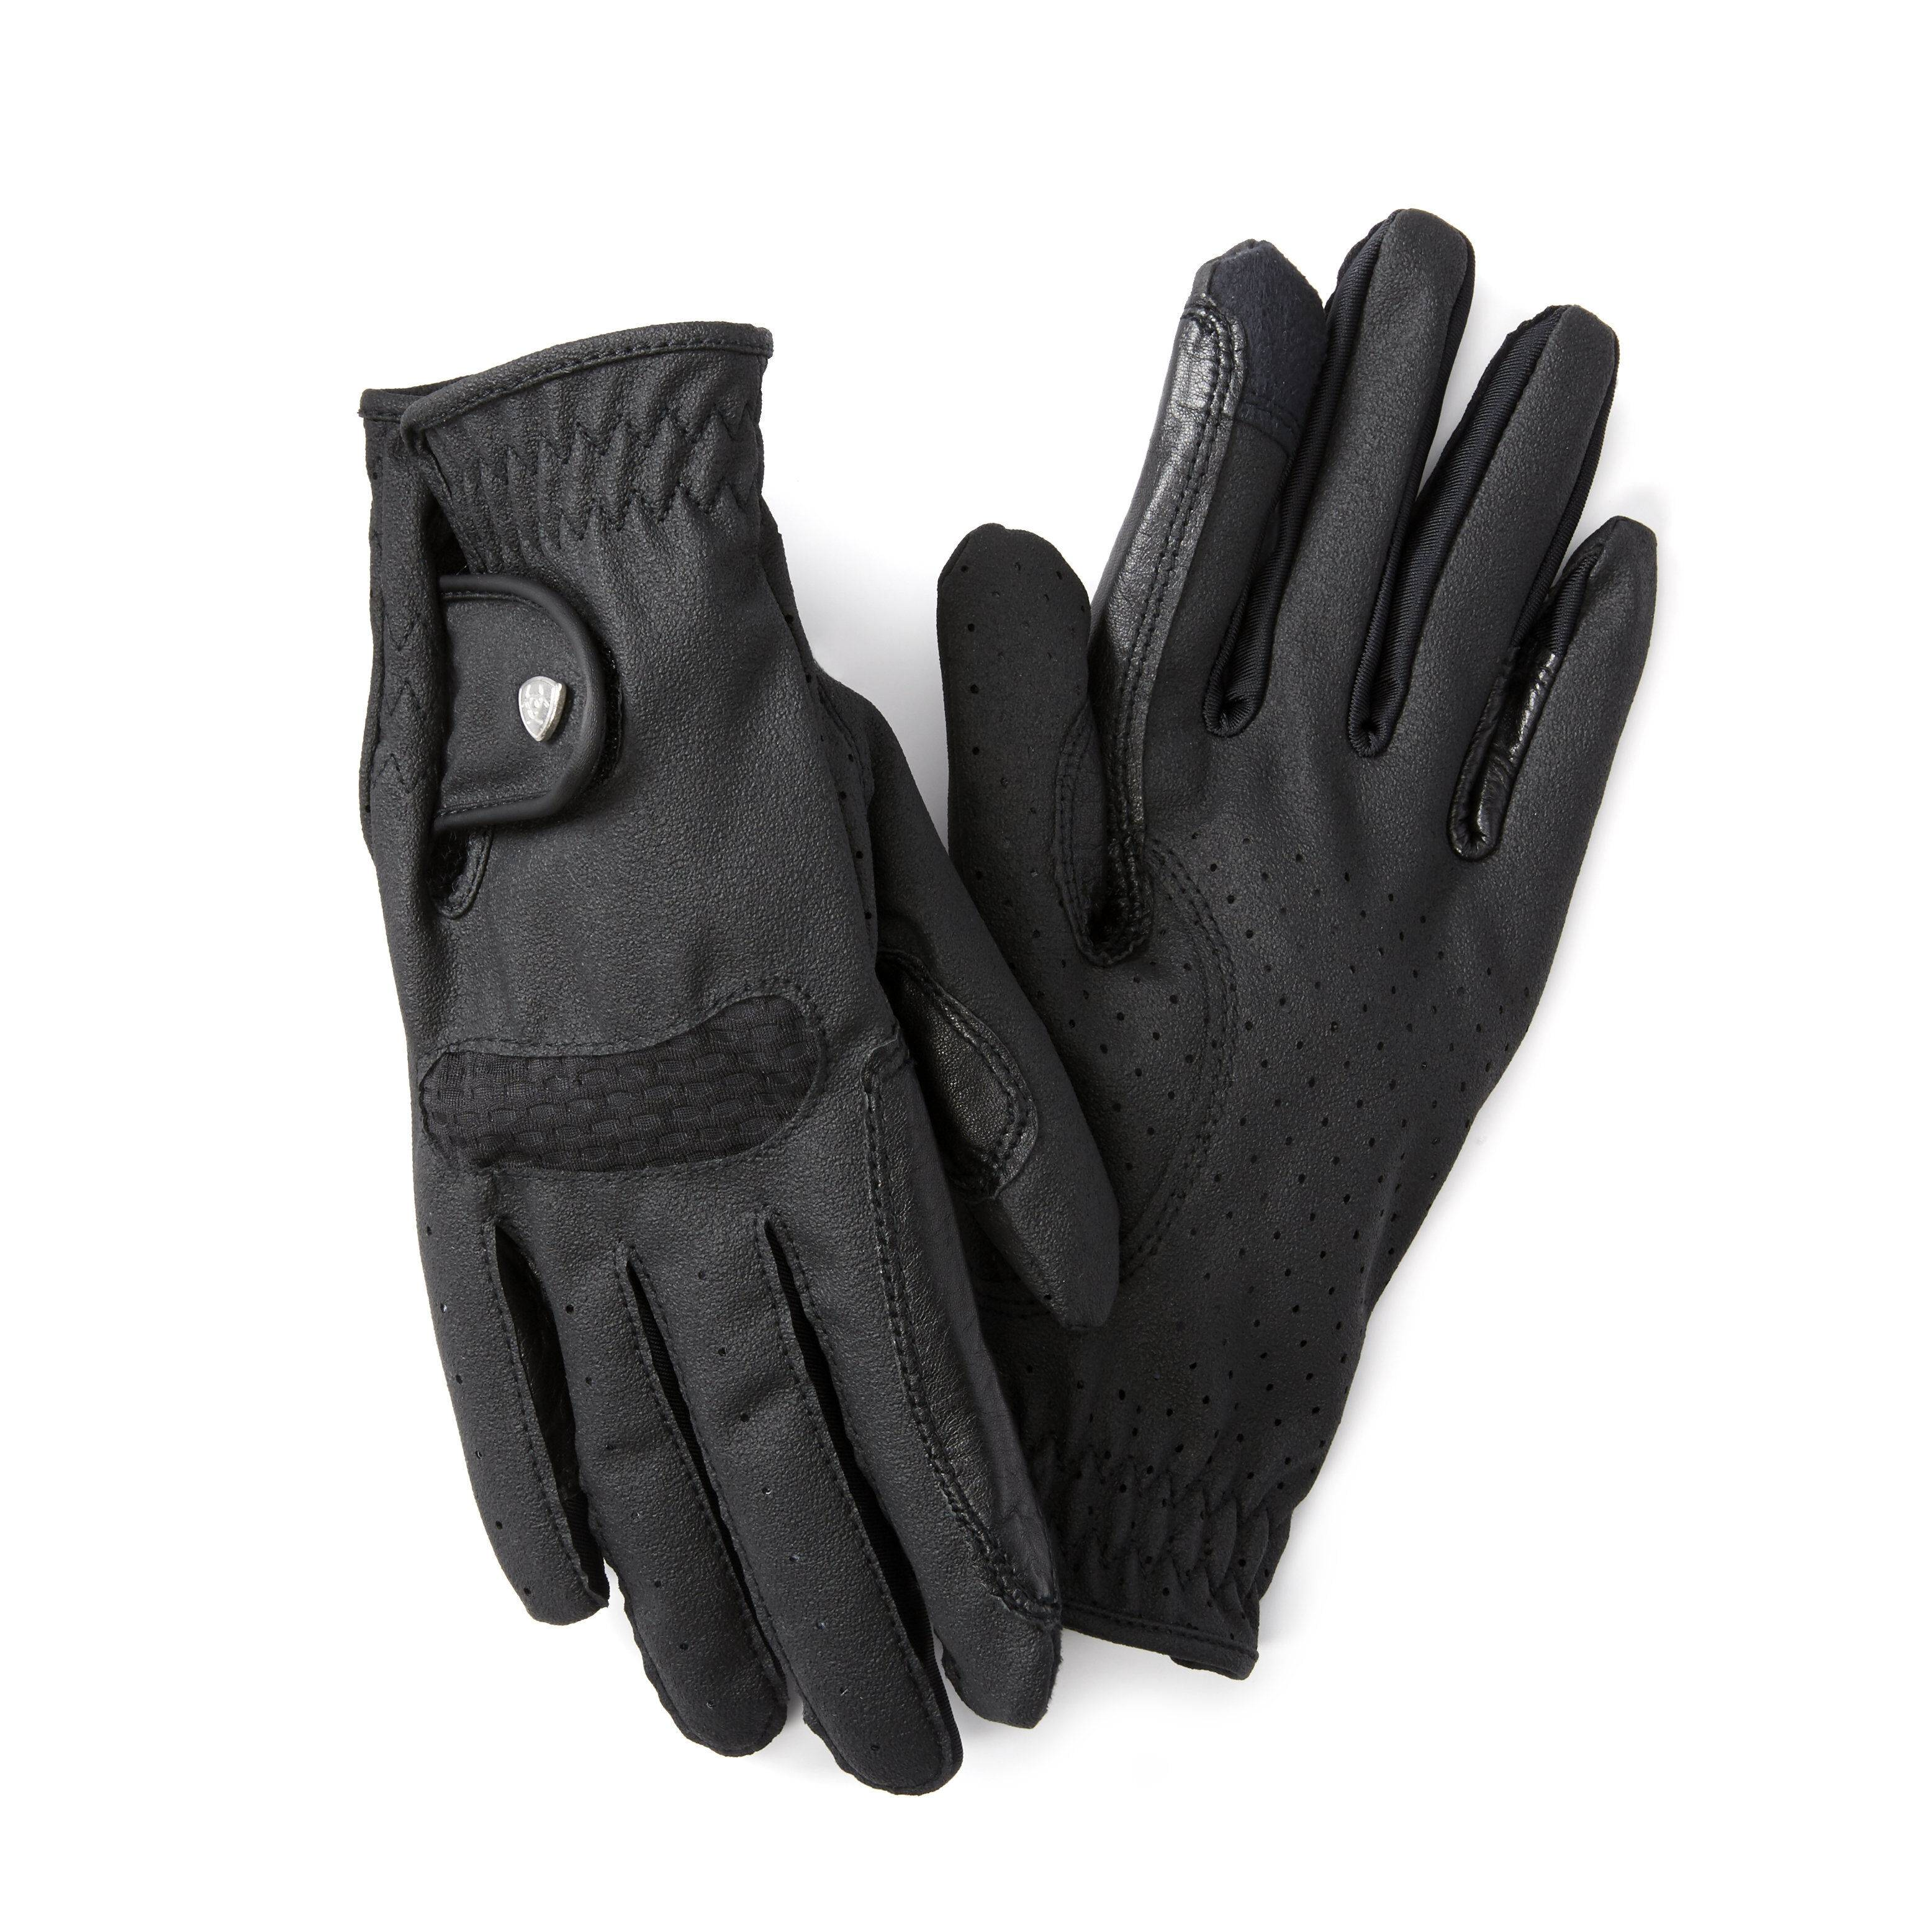 Ariat Archetype Grip Gloves in Black, Size 6.5 by Ariat